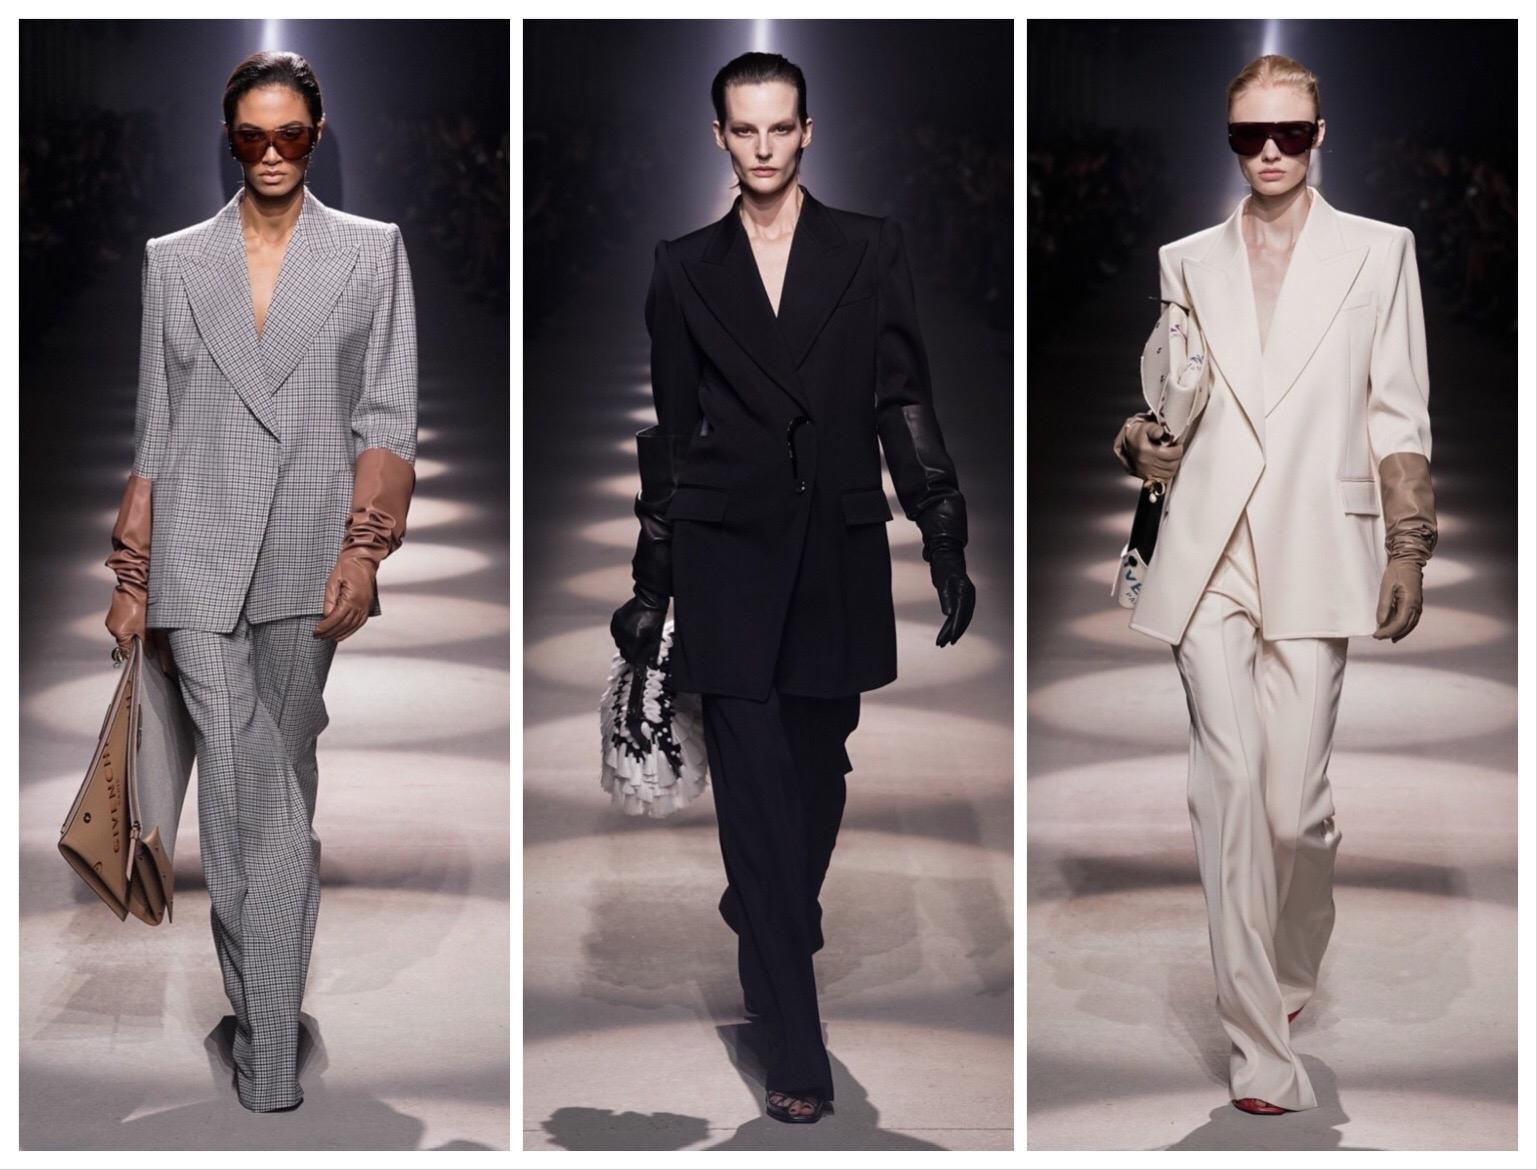 Что будет модно через полгода: тенденции с мировых Недель моды (ФОТО) - фото №7